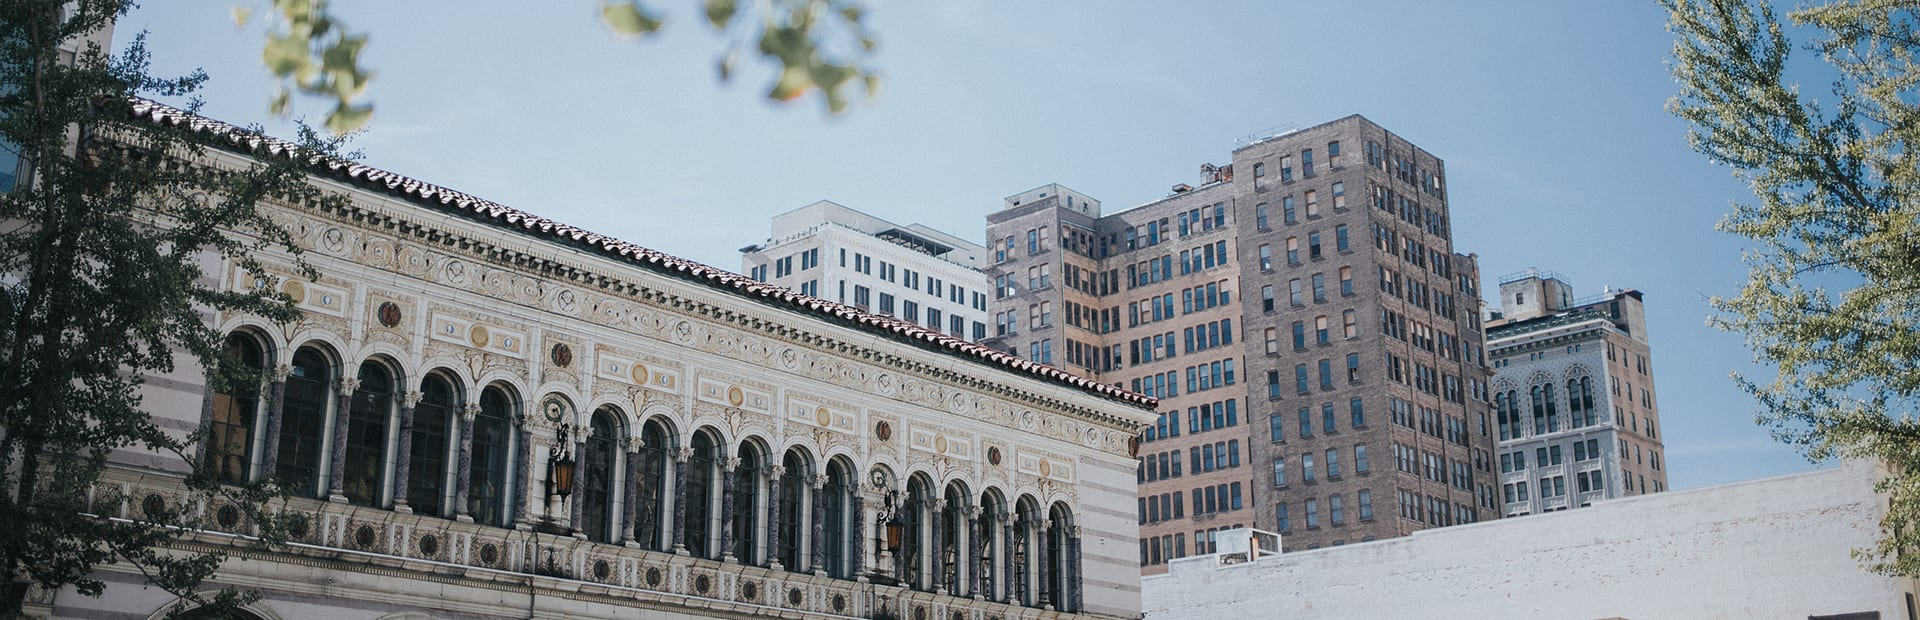 Architecture in Birmingham Alabama